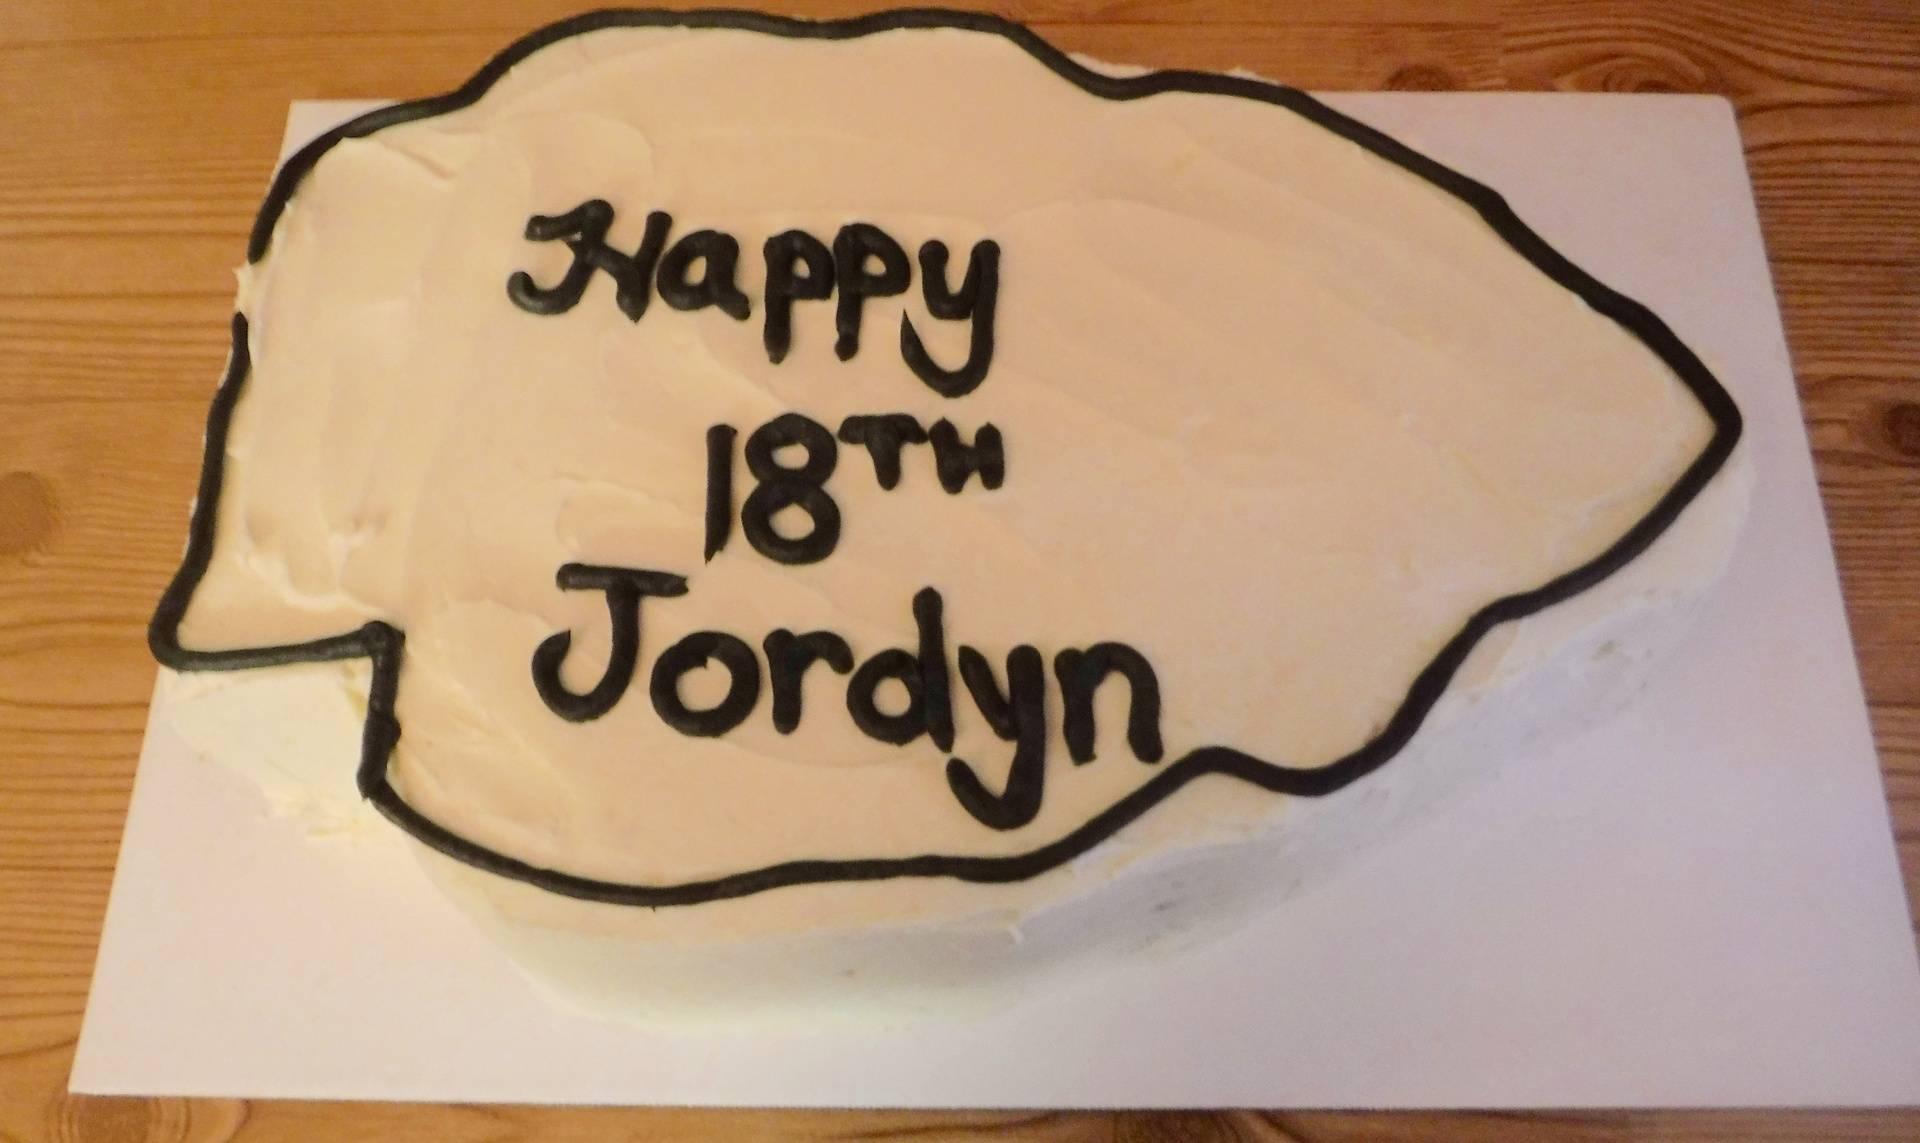 Arrowhead shaped cake